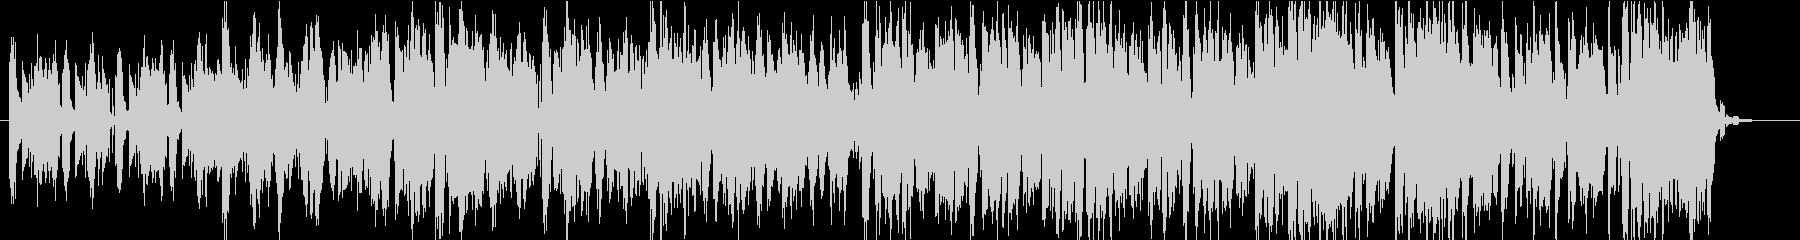 エイトビート・琴・オーケストラサウンドの未再生の波形